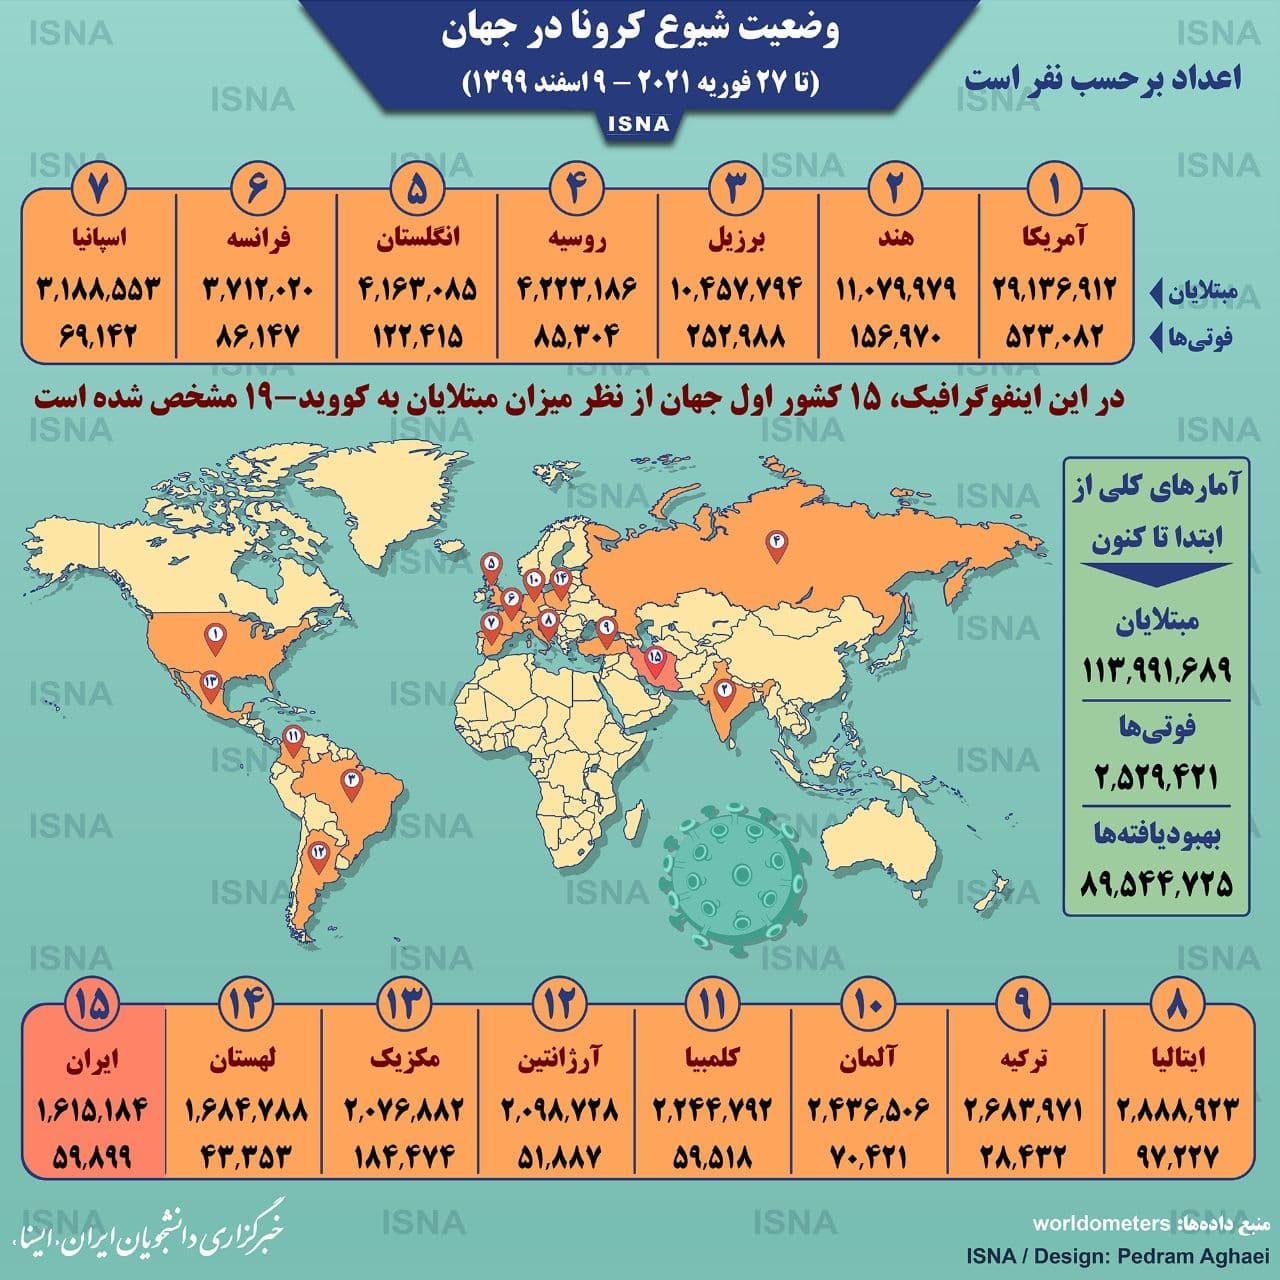 اینفوگرافیک: آمار کرونا در جهان تا ۹ اسفند